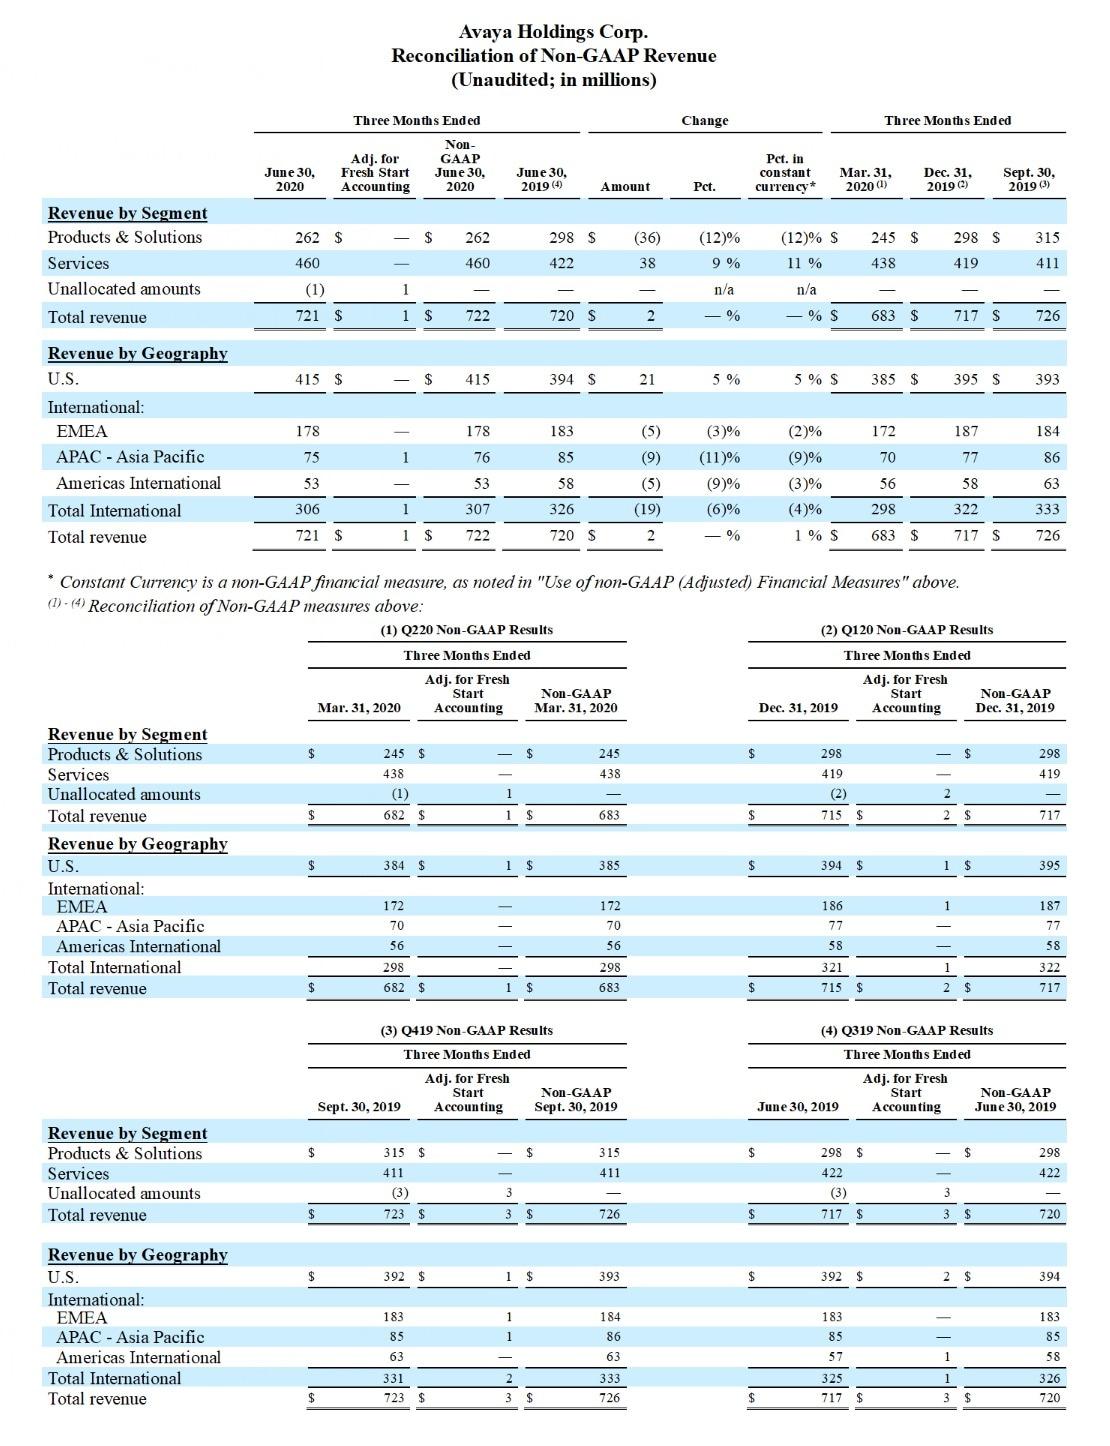 FY20 Q3 Earnings Release